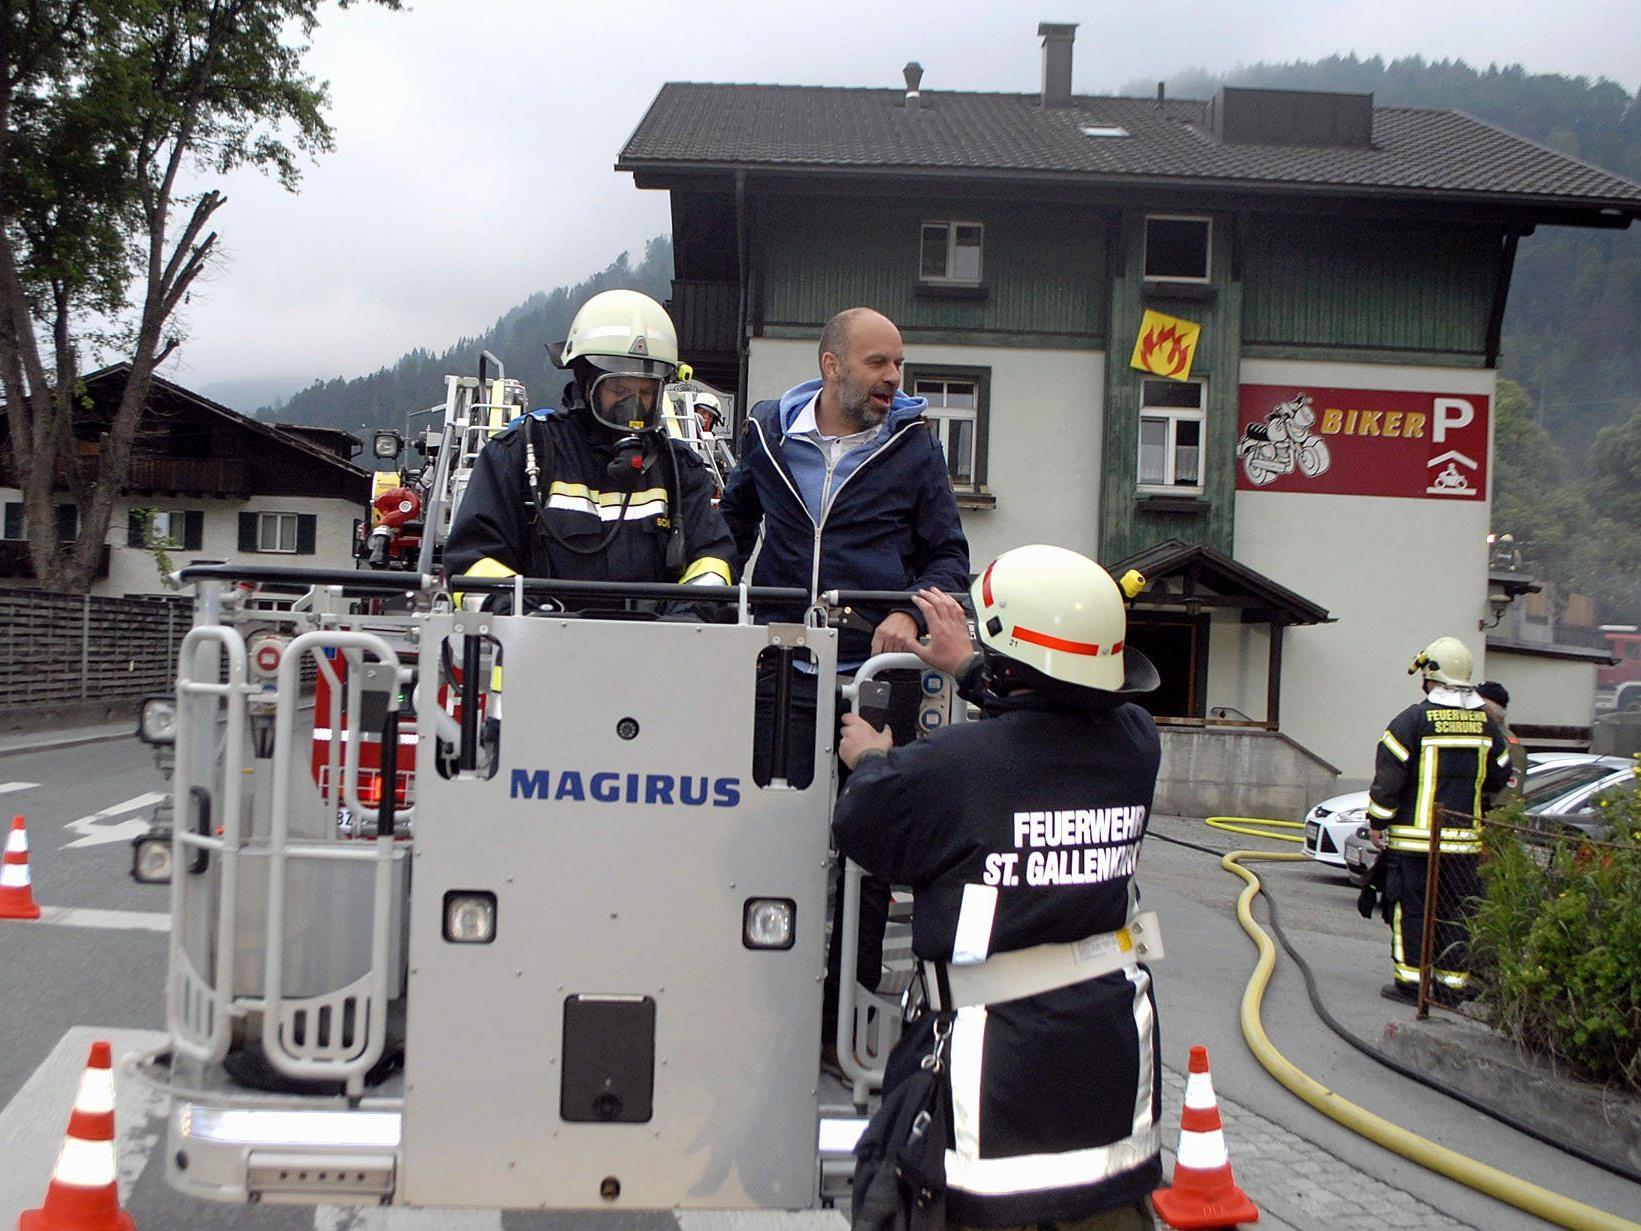 Mit Unterstützung der Drehleiter Montafon wurden alle neun Personen in Sicherheit gebracht, unter ihnen der Schrunser Bürgermeister Jürgen Kuster als Besucher bei den Hotelangestellten.